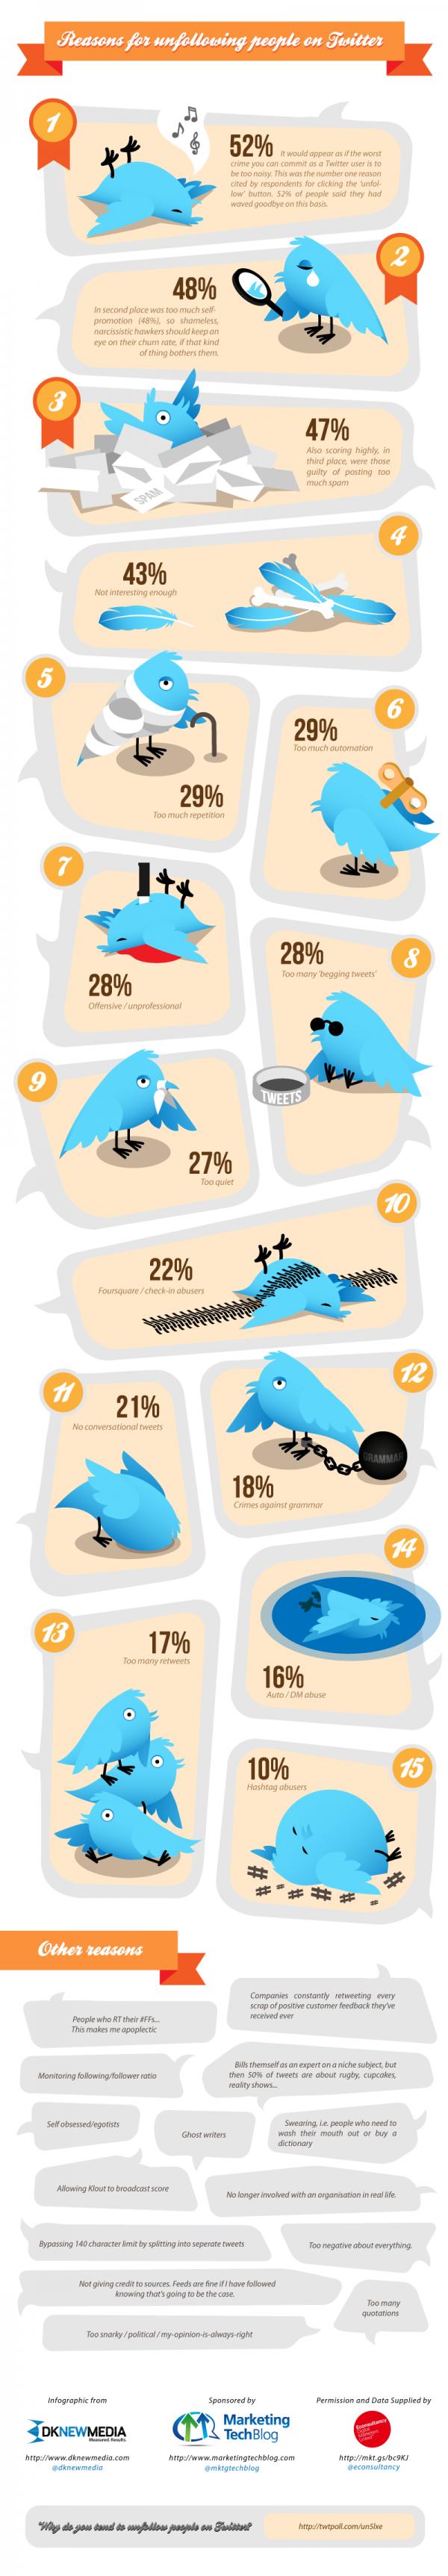 Infographie : Les raisons pour se déshabonner de quelqu'un sur Twitter